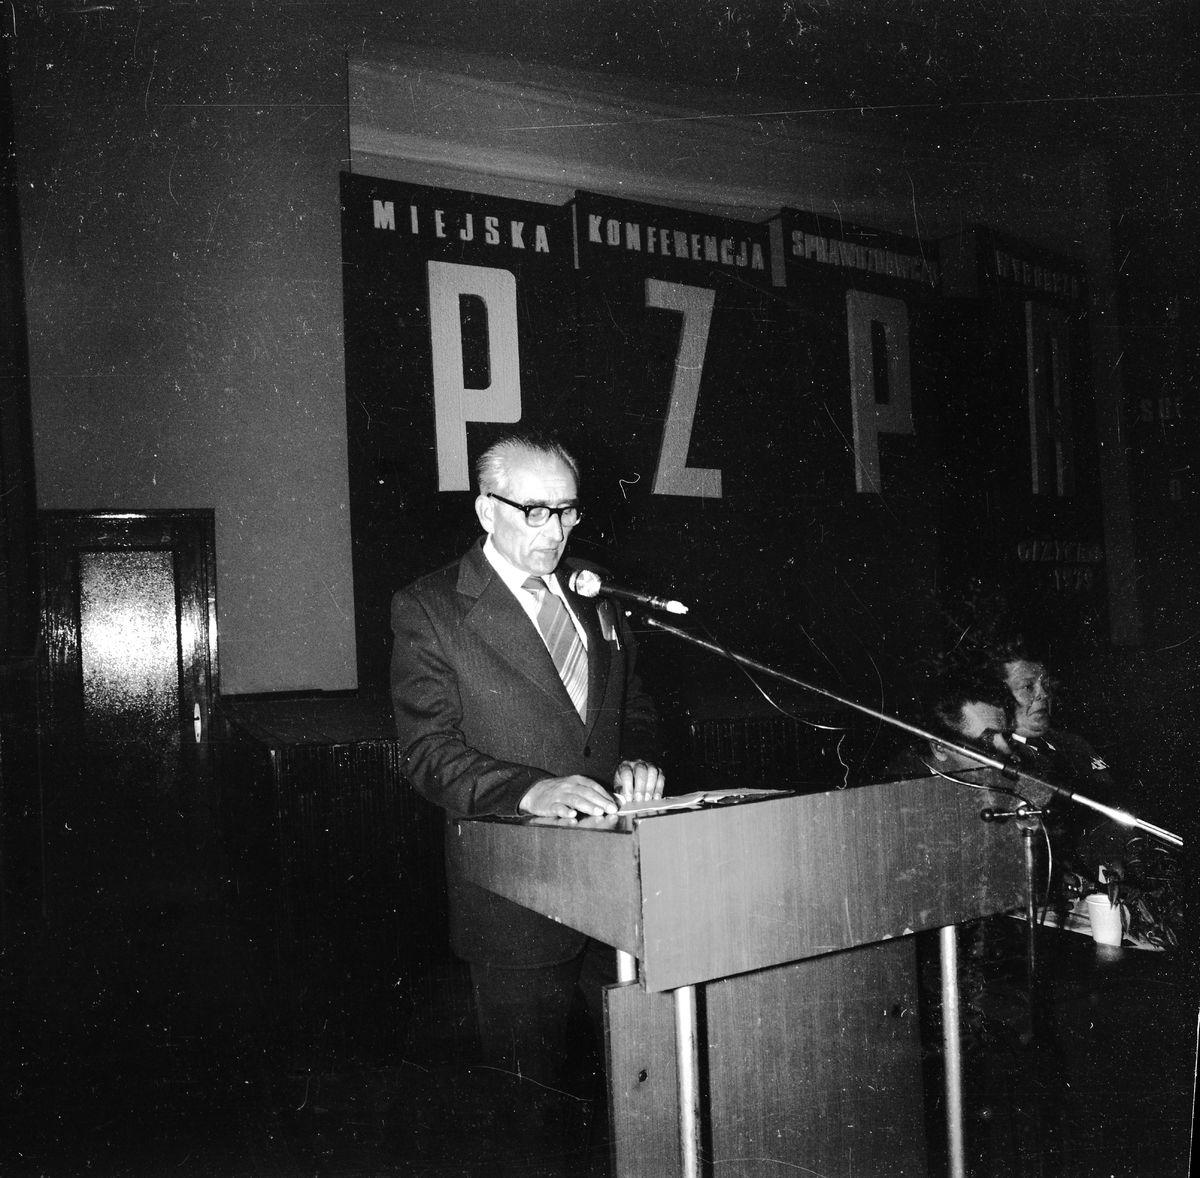 Konferencja sprawozdawczo-wyborcza PZPR [6]